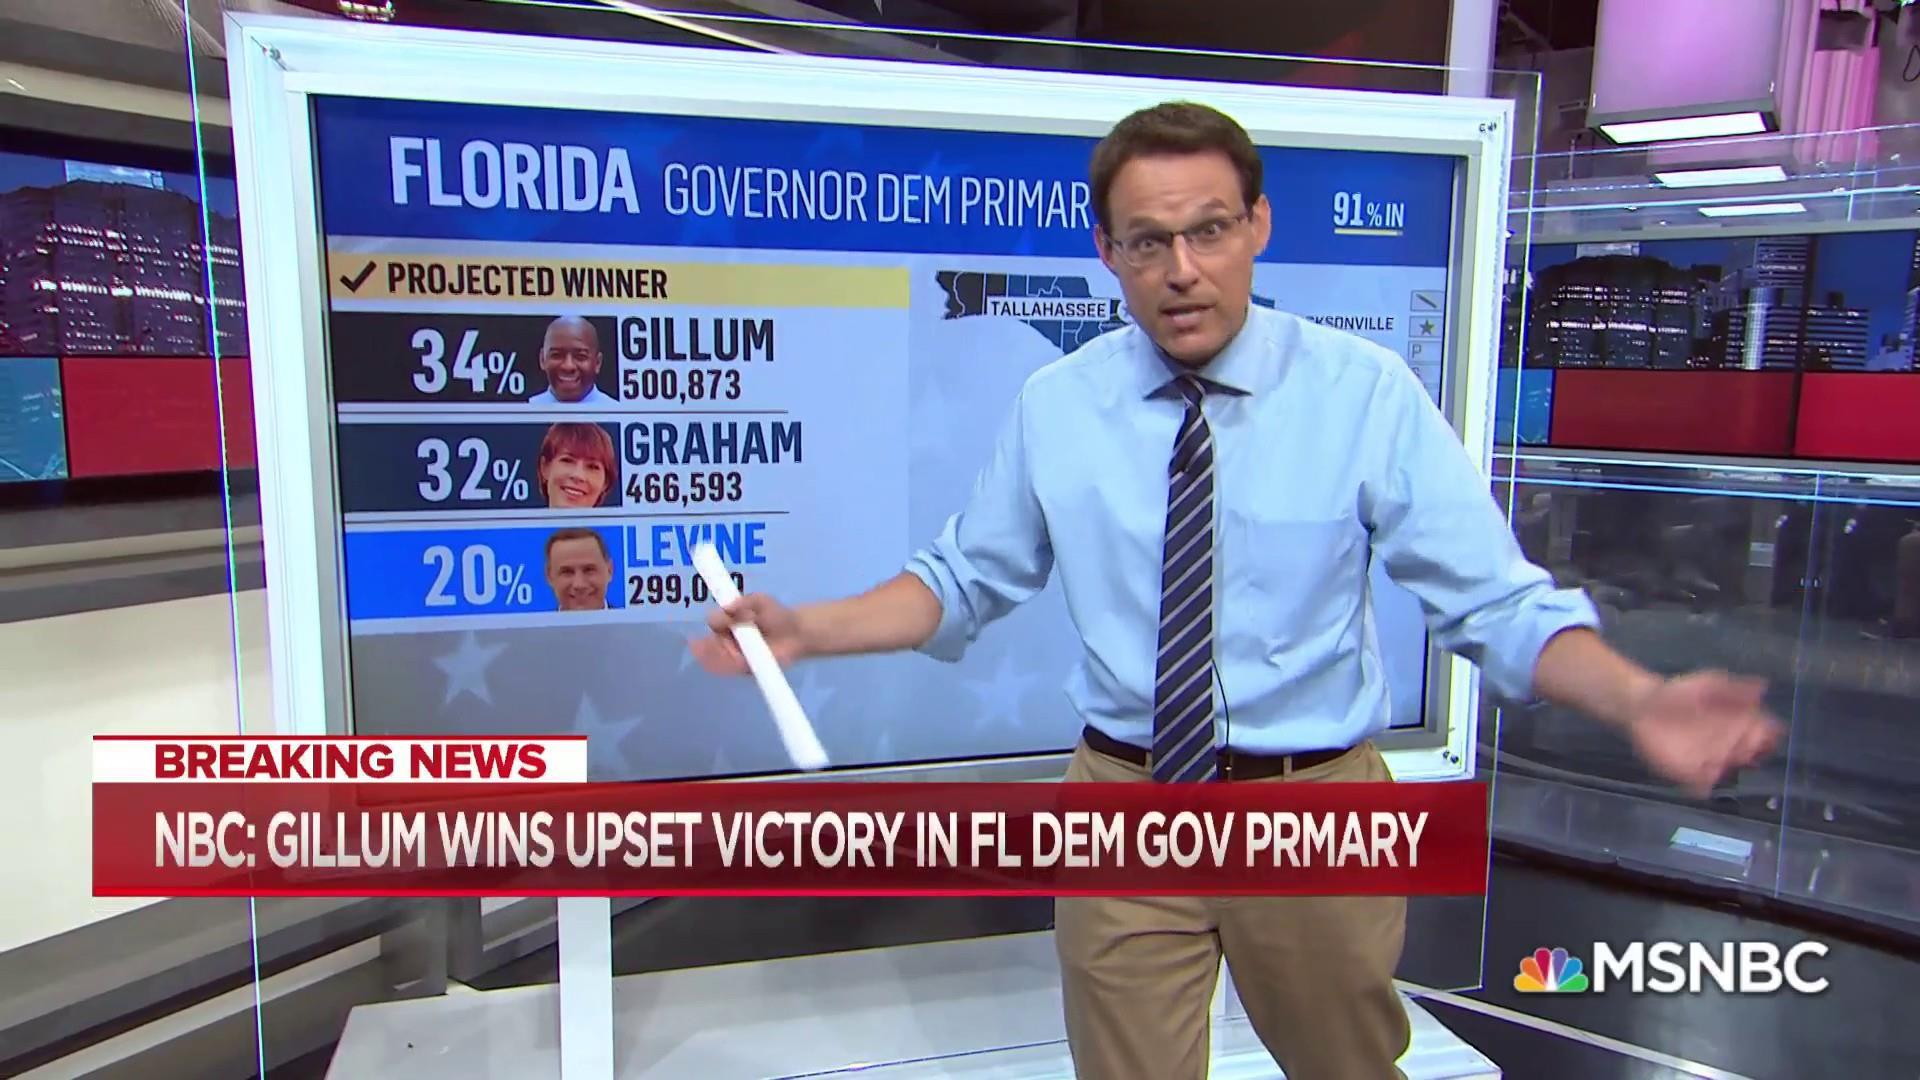 Democrat Gillum surges to face Trump's DeSantis for FL governor